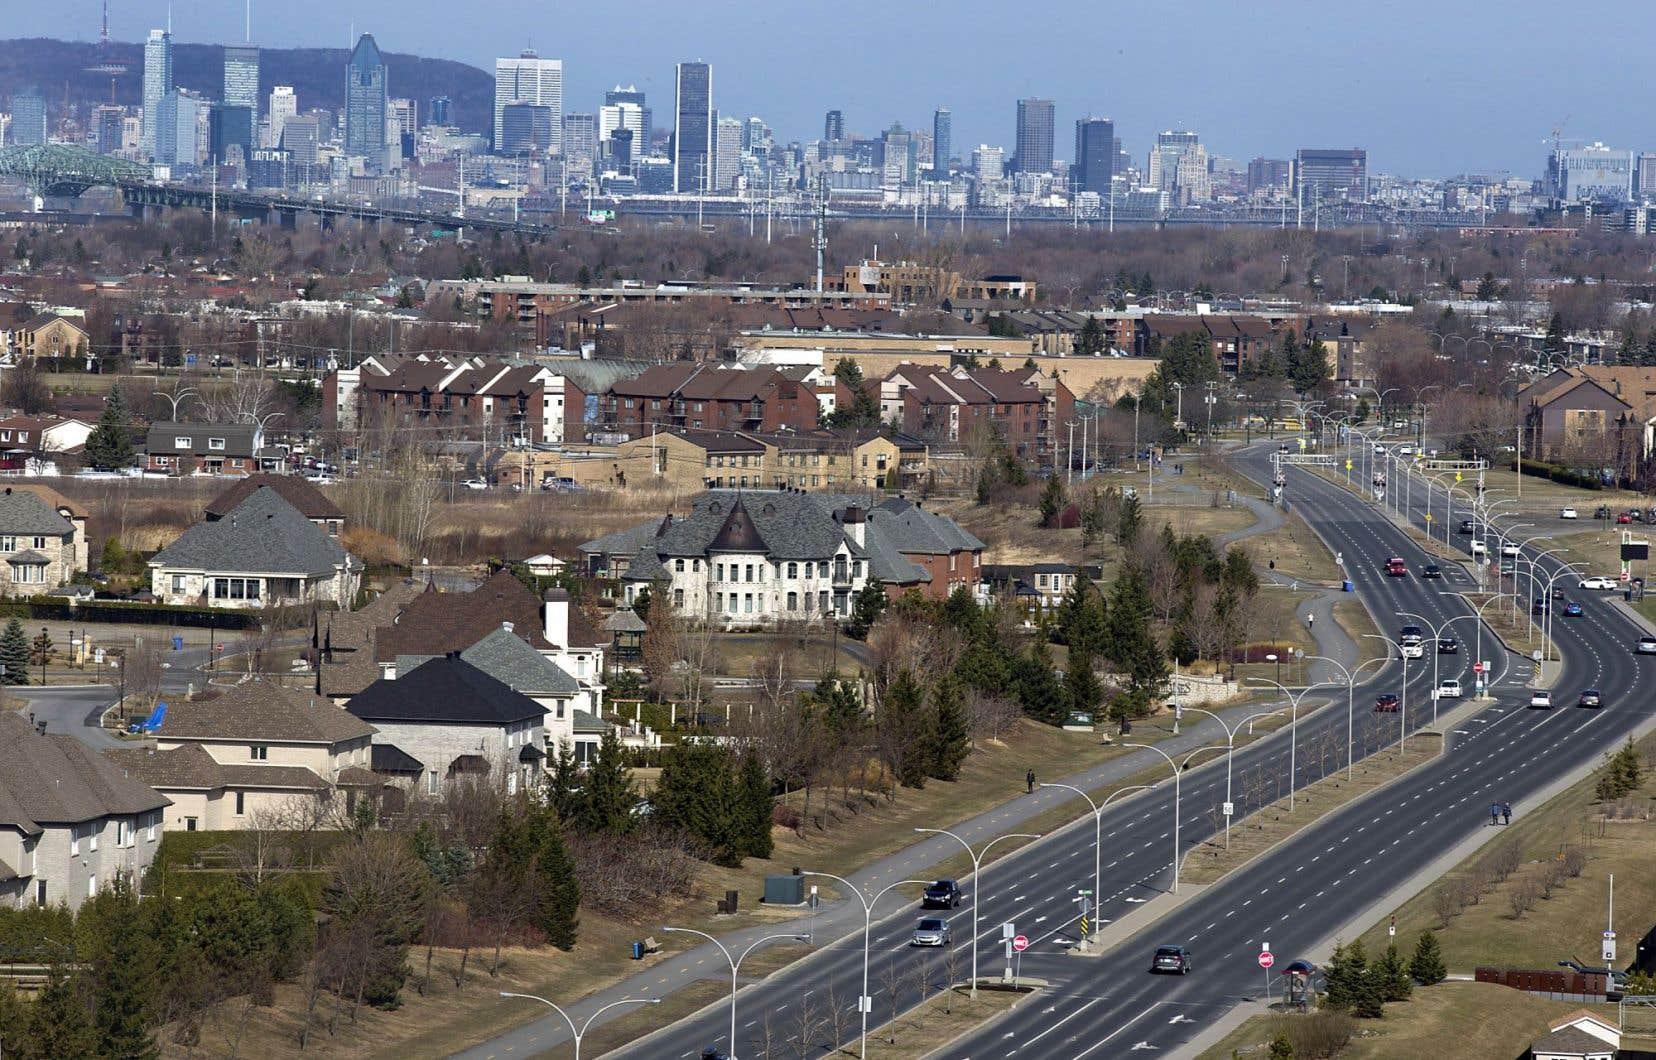 Les quartiers résidentiels qui encouragent la sédentarité à travers une politique du tout-à-l'automobile se multiplient.